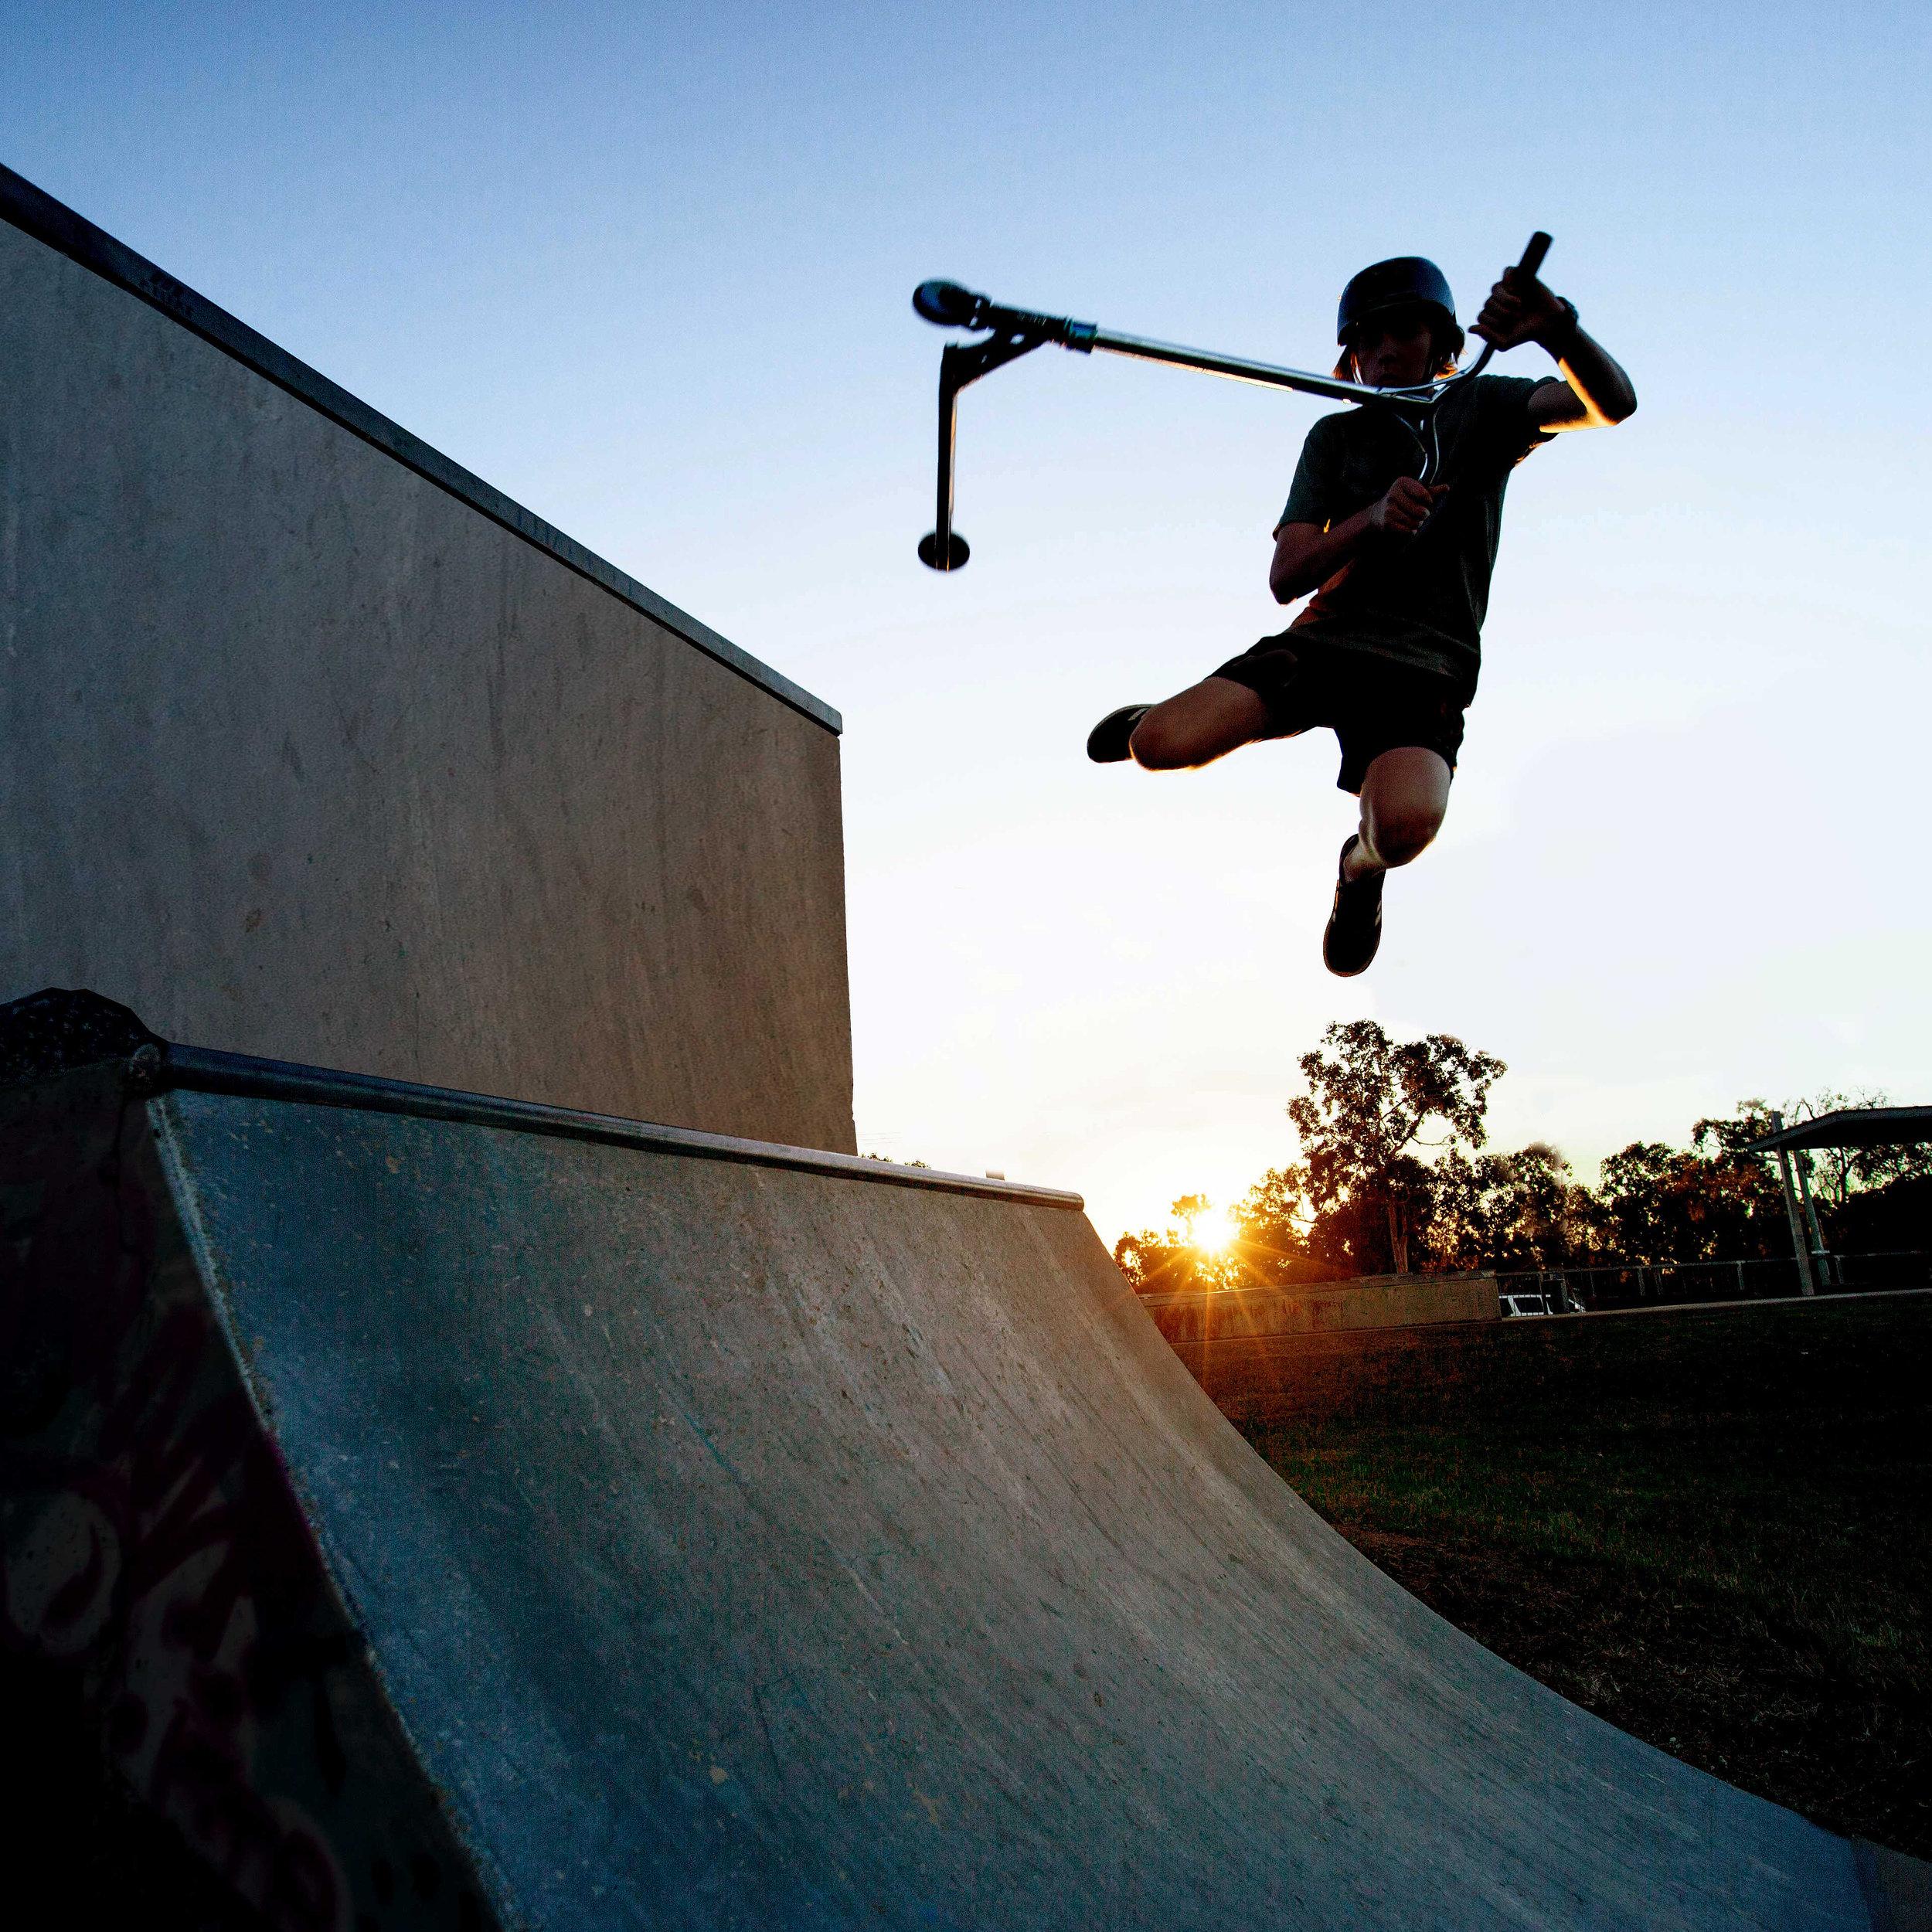 bayside-skate-park.jpg